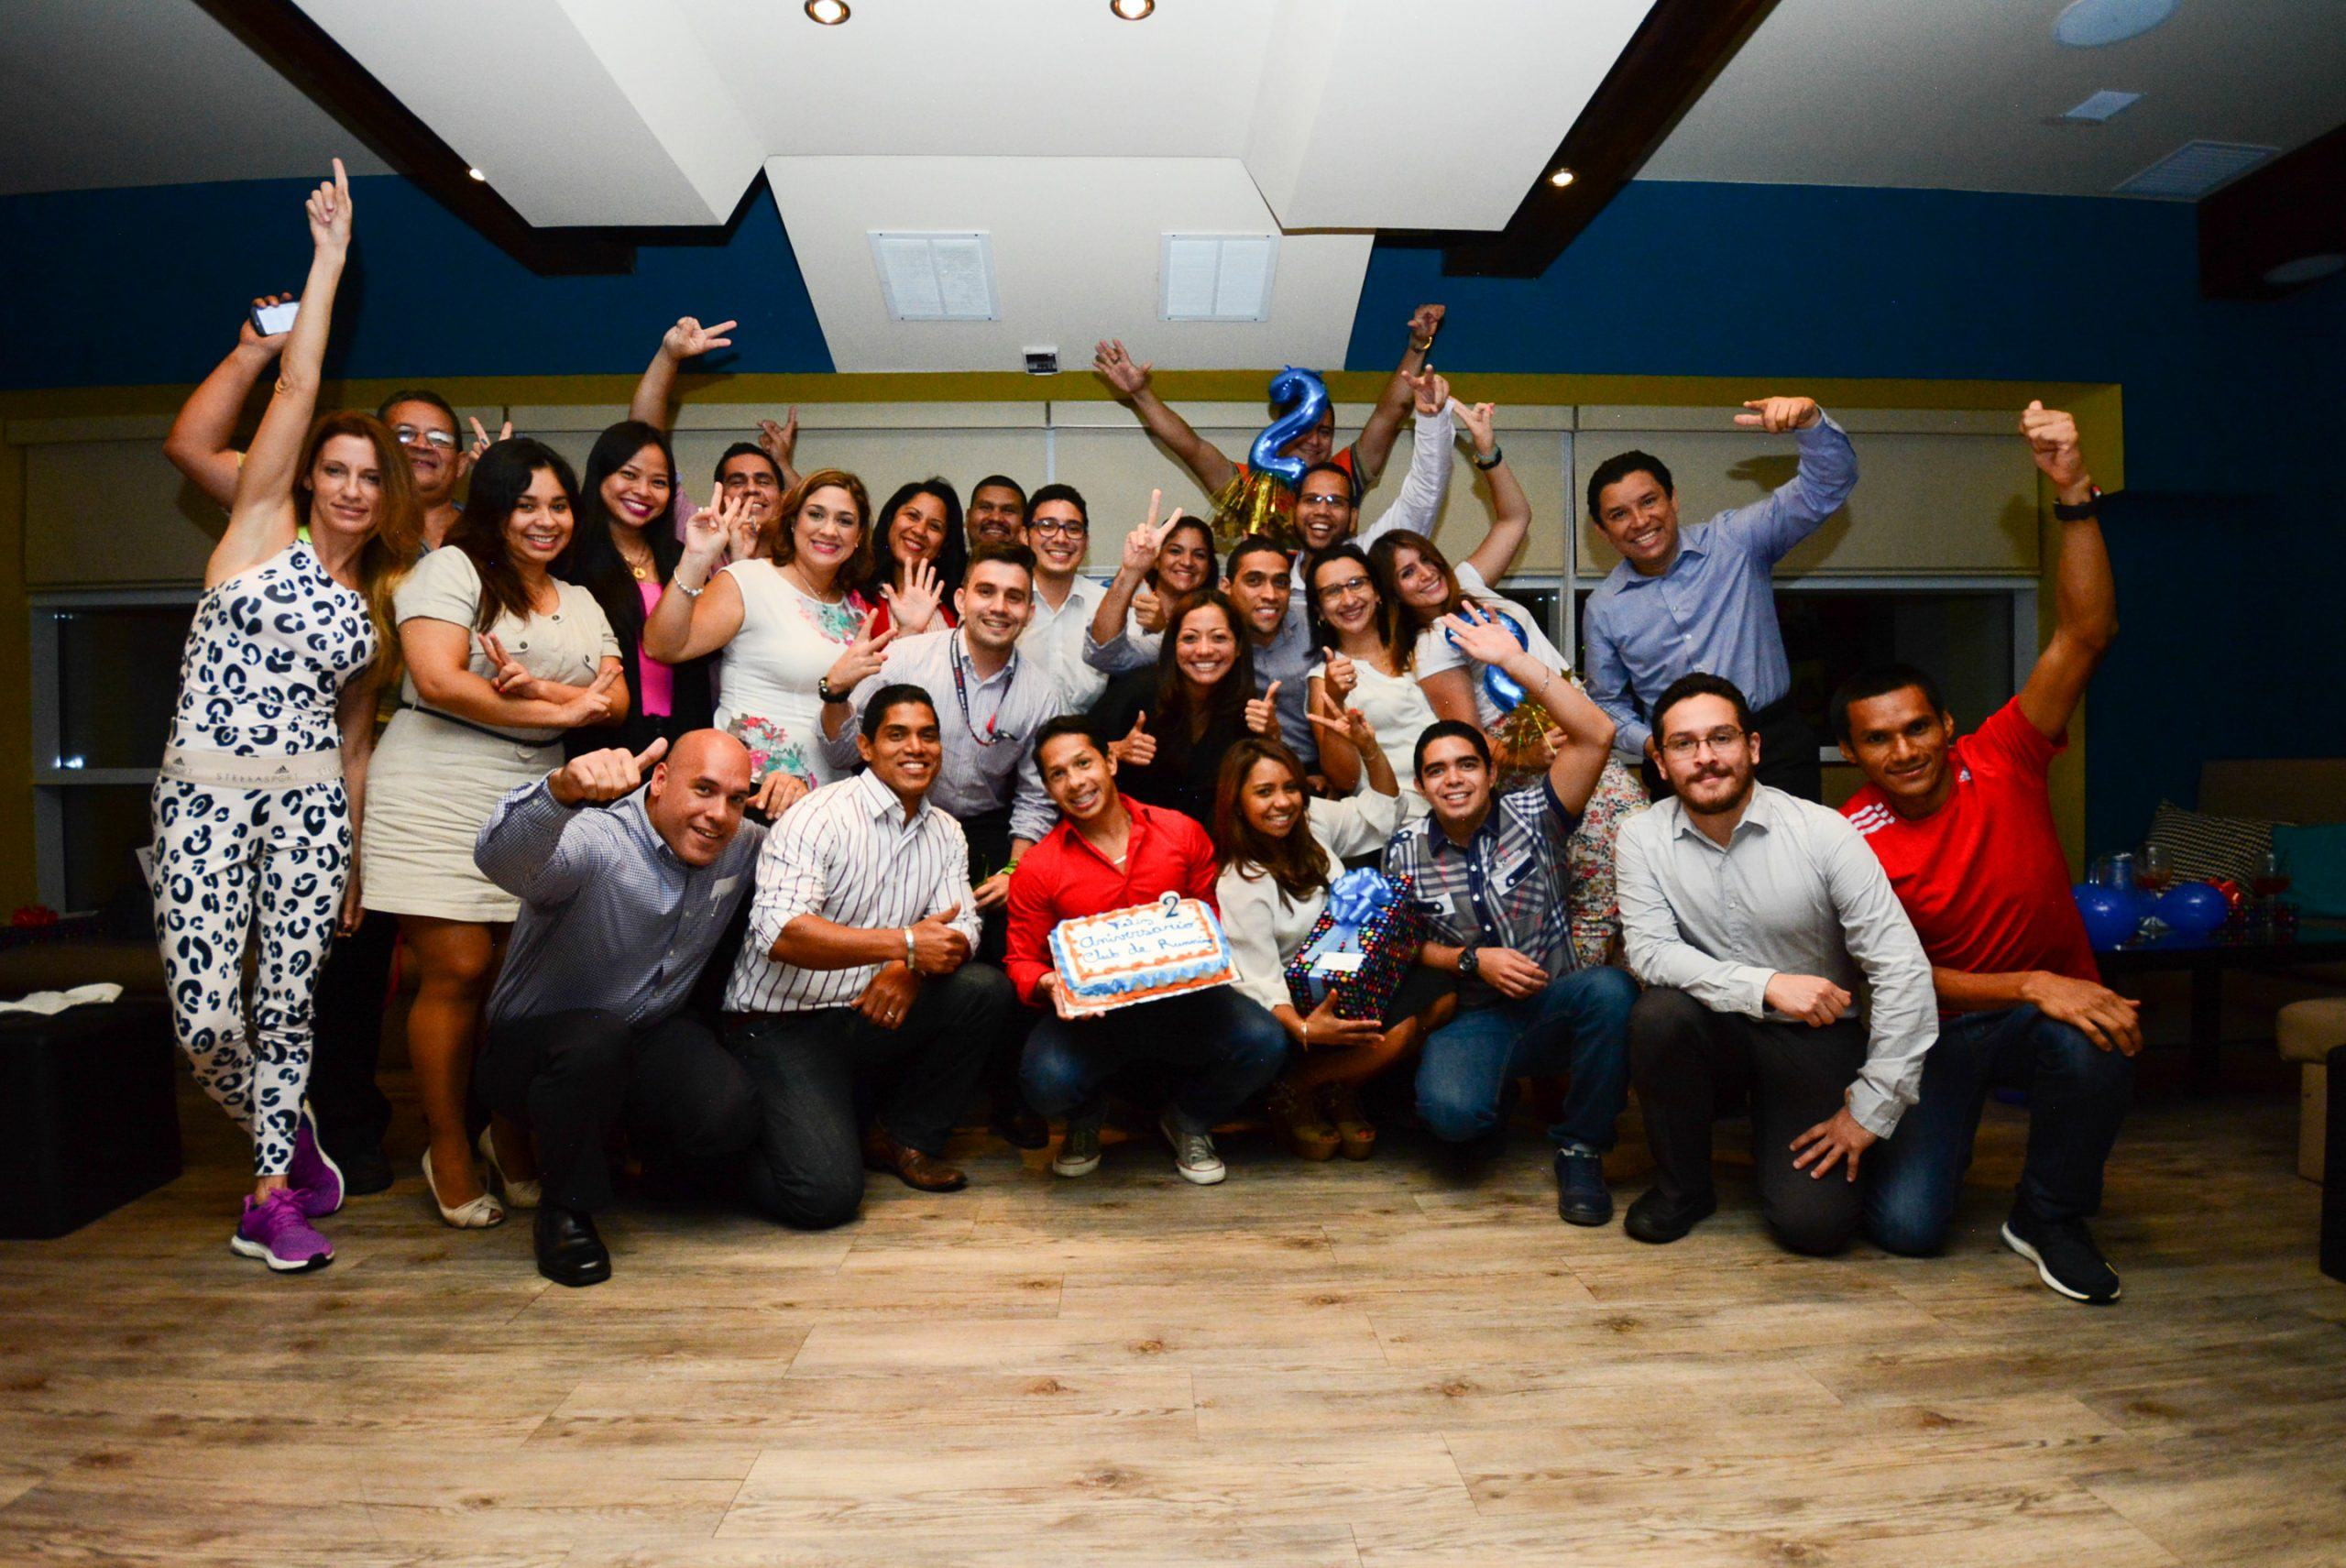 Club de Copa, celebró su 2do Aniversario